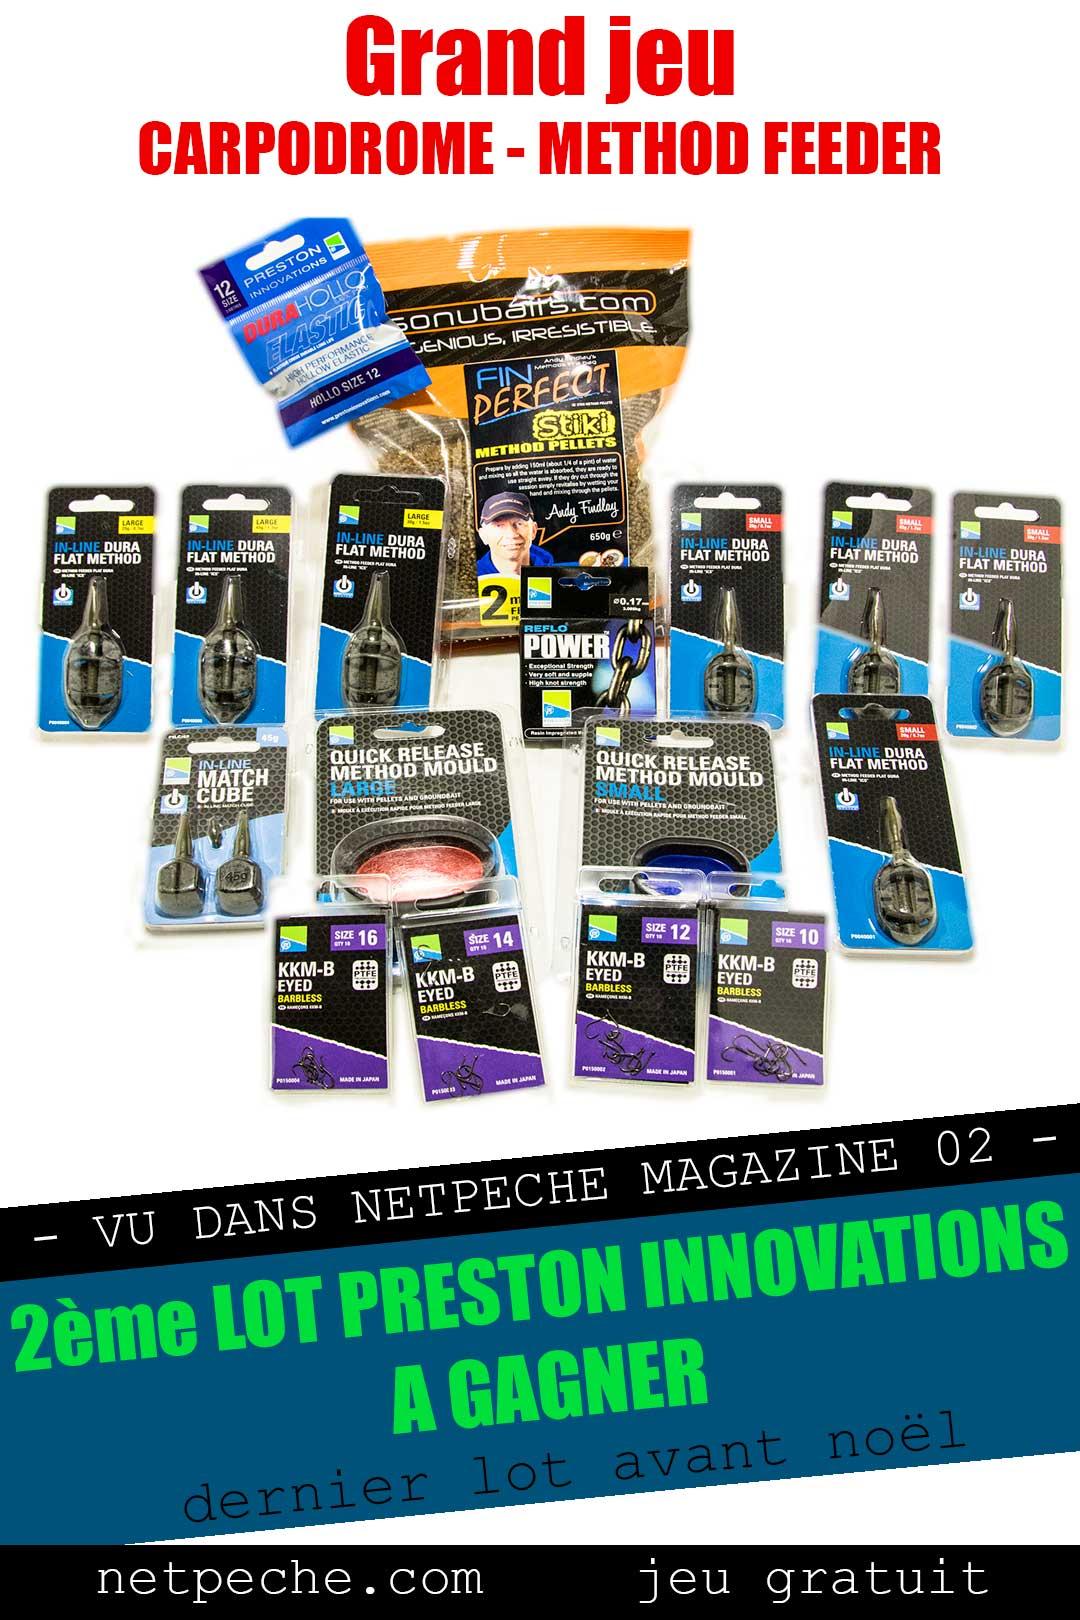 2eme jeu concours netpeche du magazine vidéo numéro 02 en partenariat avec Preston Innovations